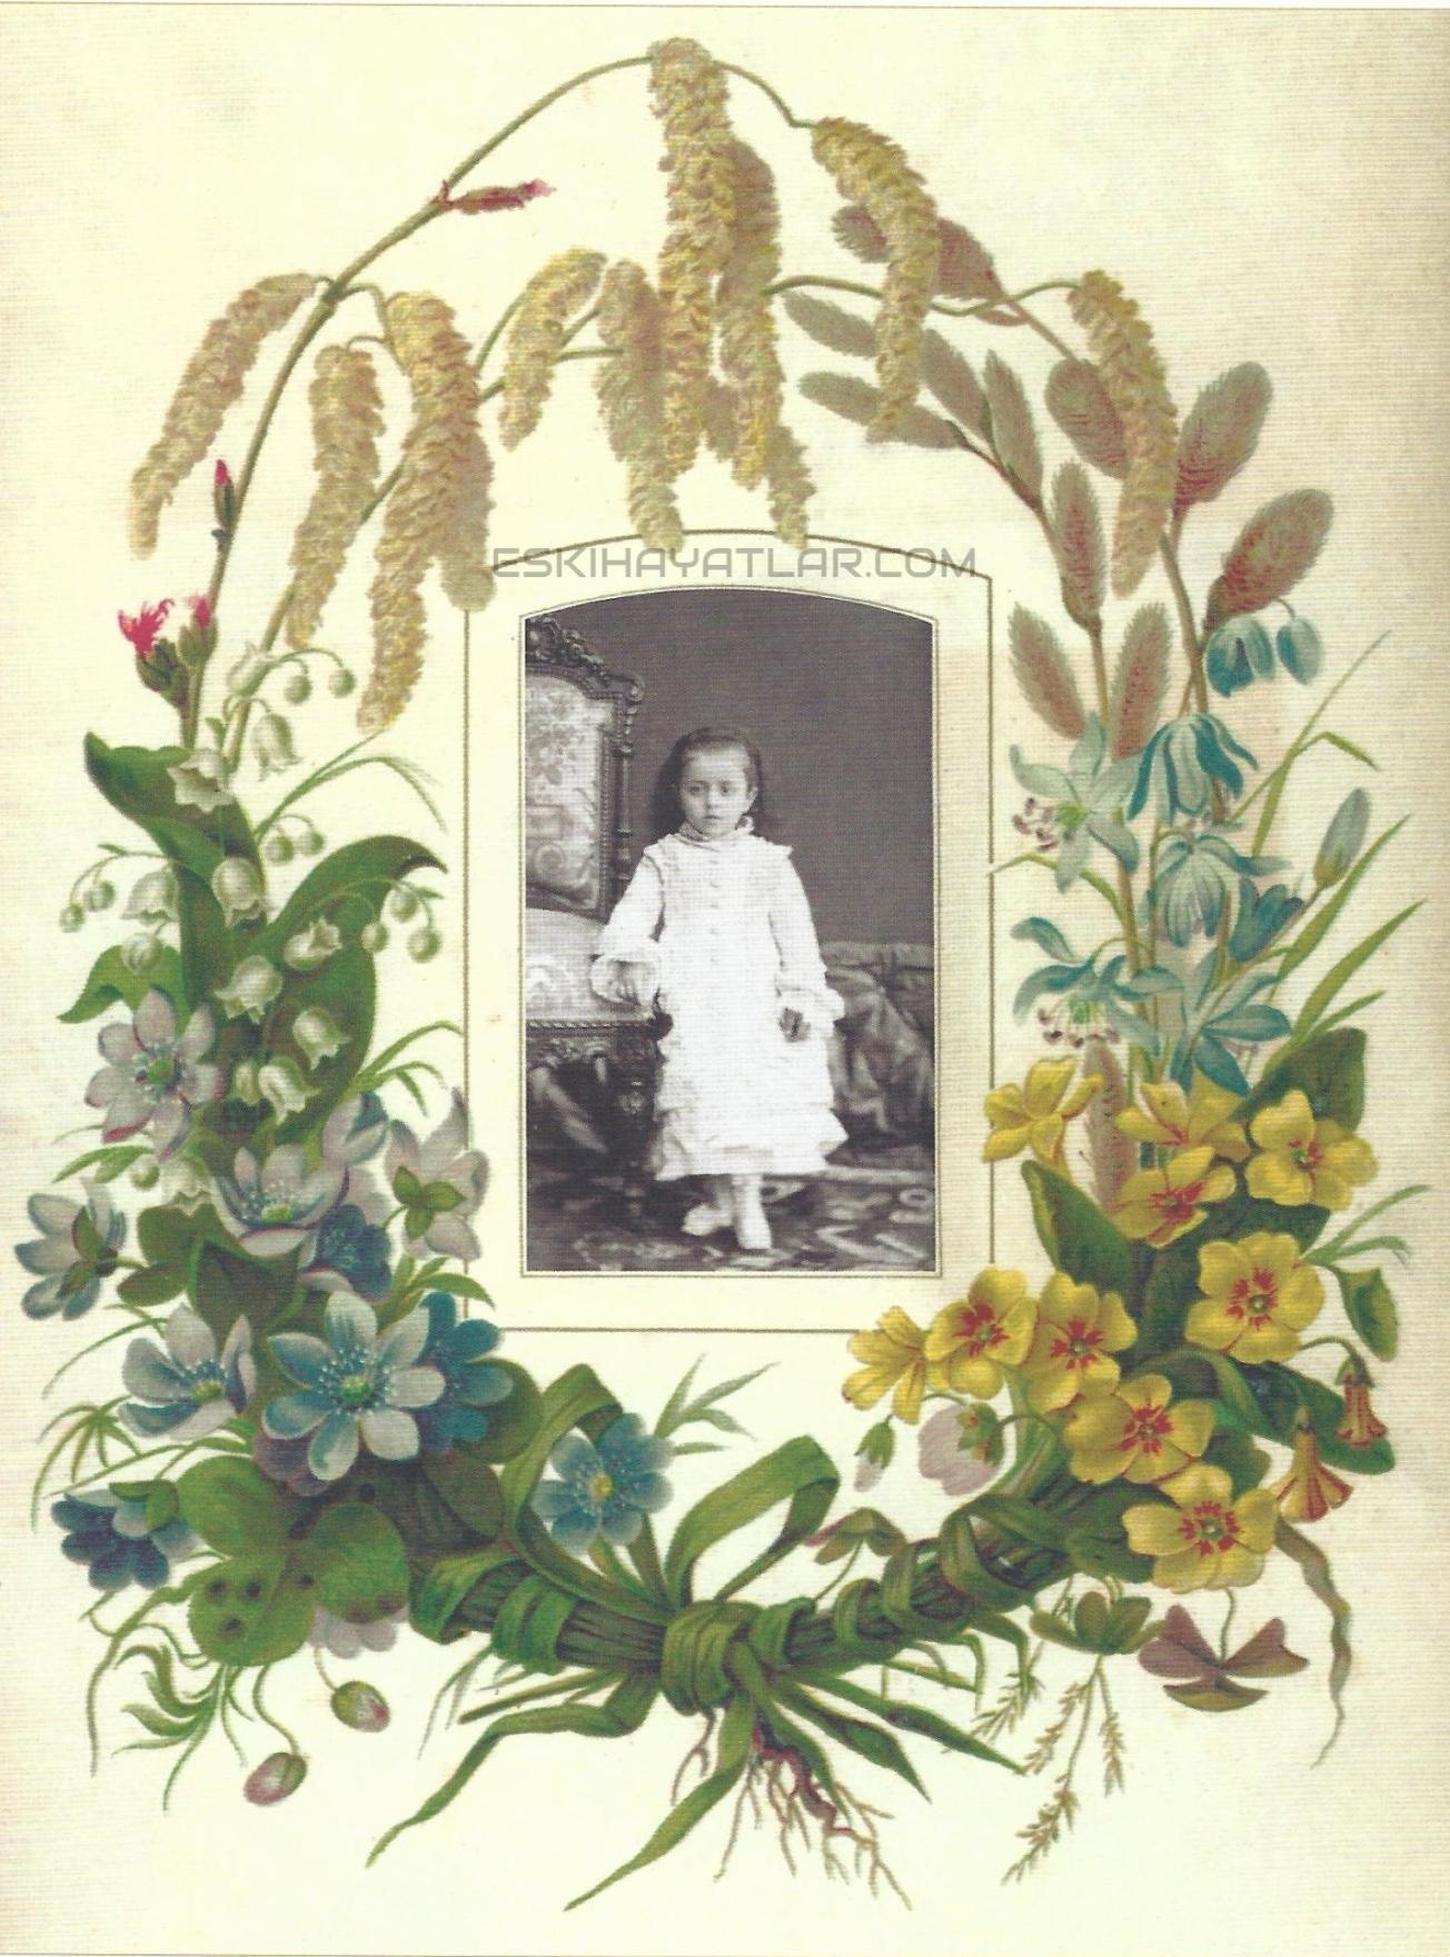 sultan-abdulhamid-in-aile-albumleri-abdullah-biraderler-fotograflari-yildiz-sarayinda-cekilen-resimler-emine-sultan